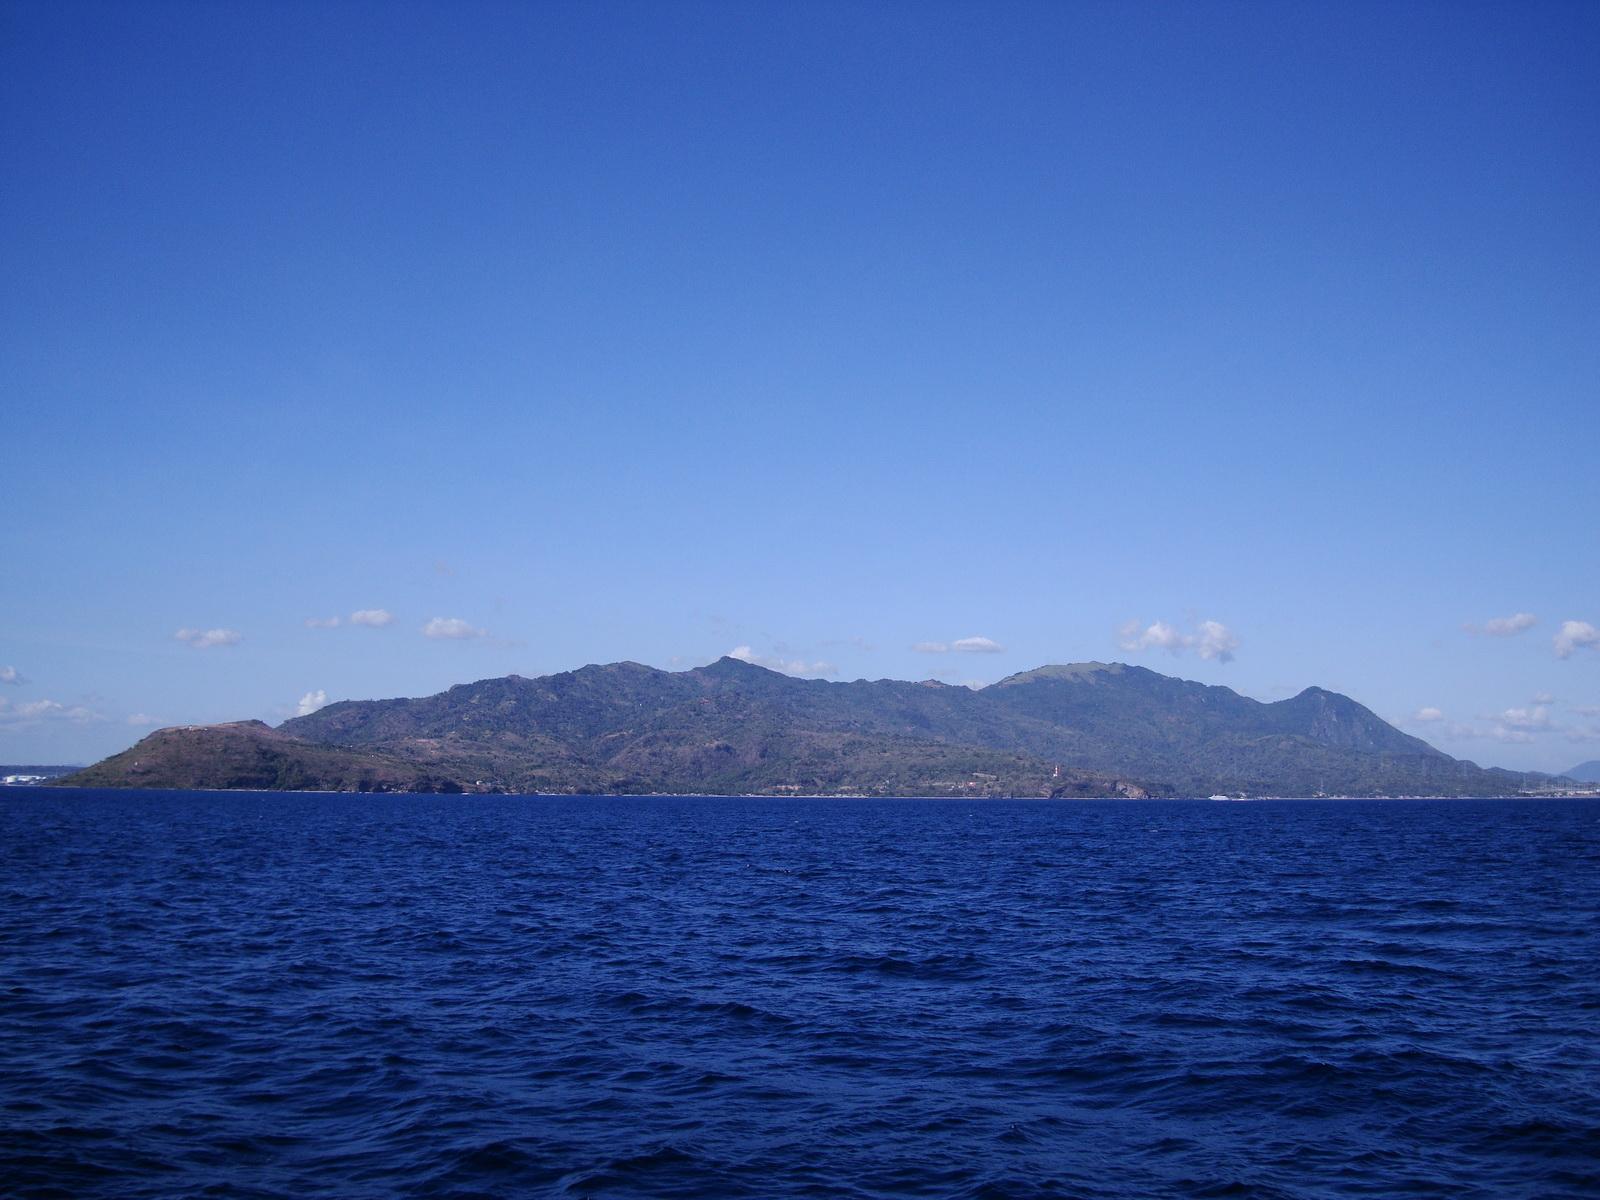 Bagalangit Point lighthouse Calumpan Peninsula viewed from a banca Anilao Batangas 01